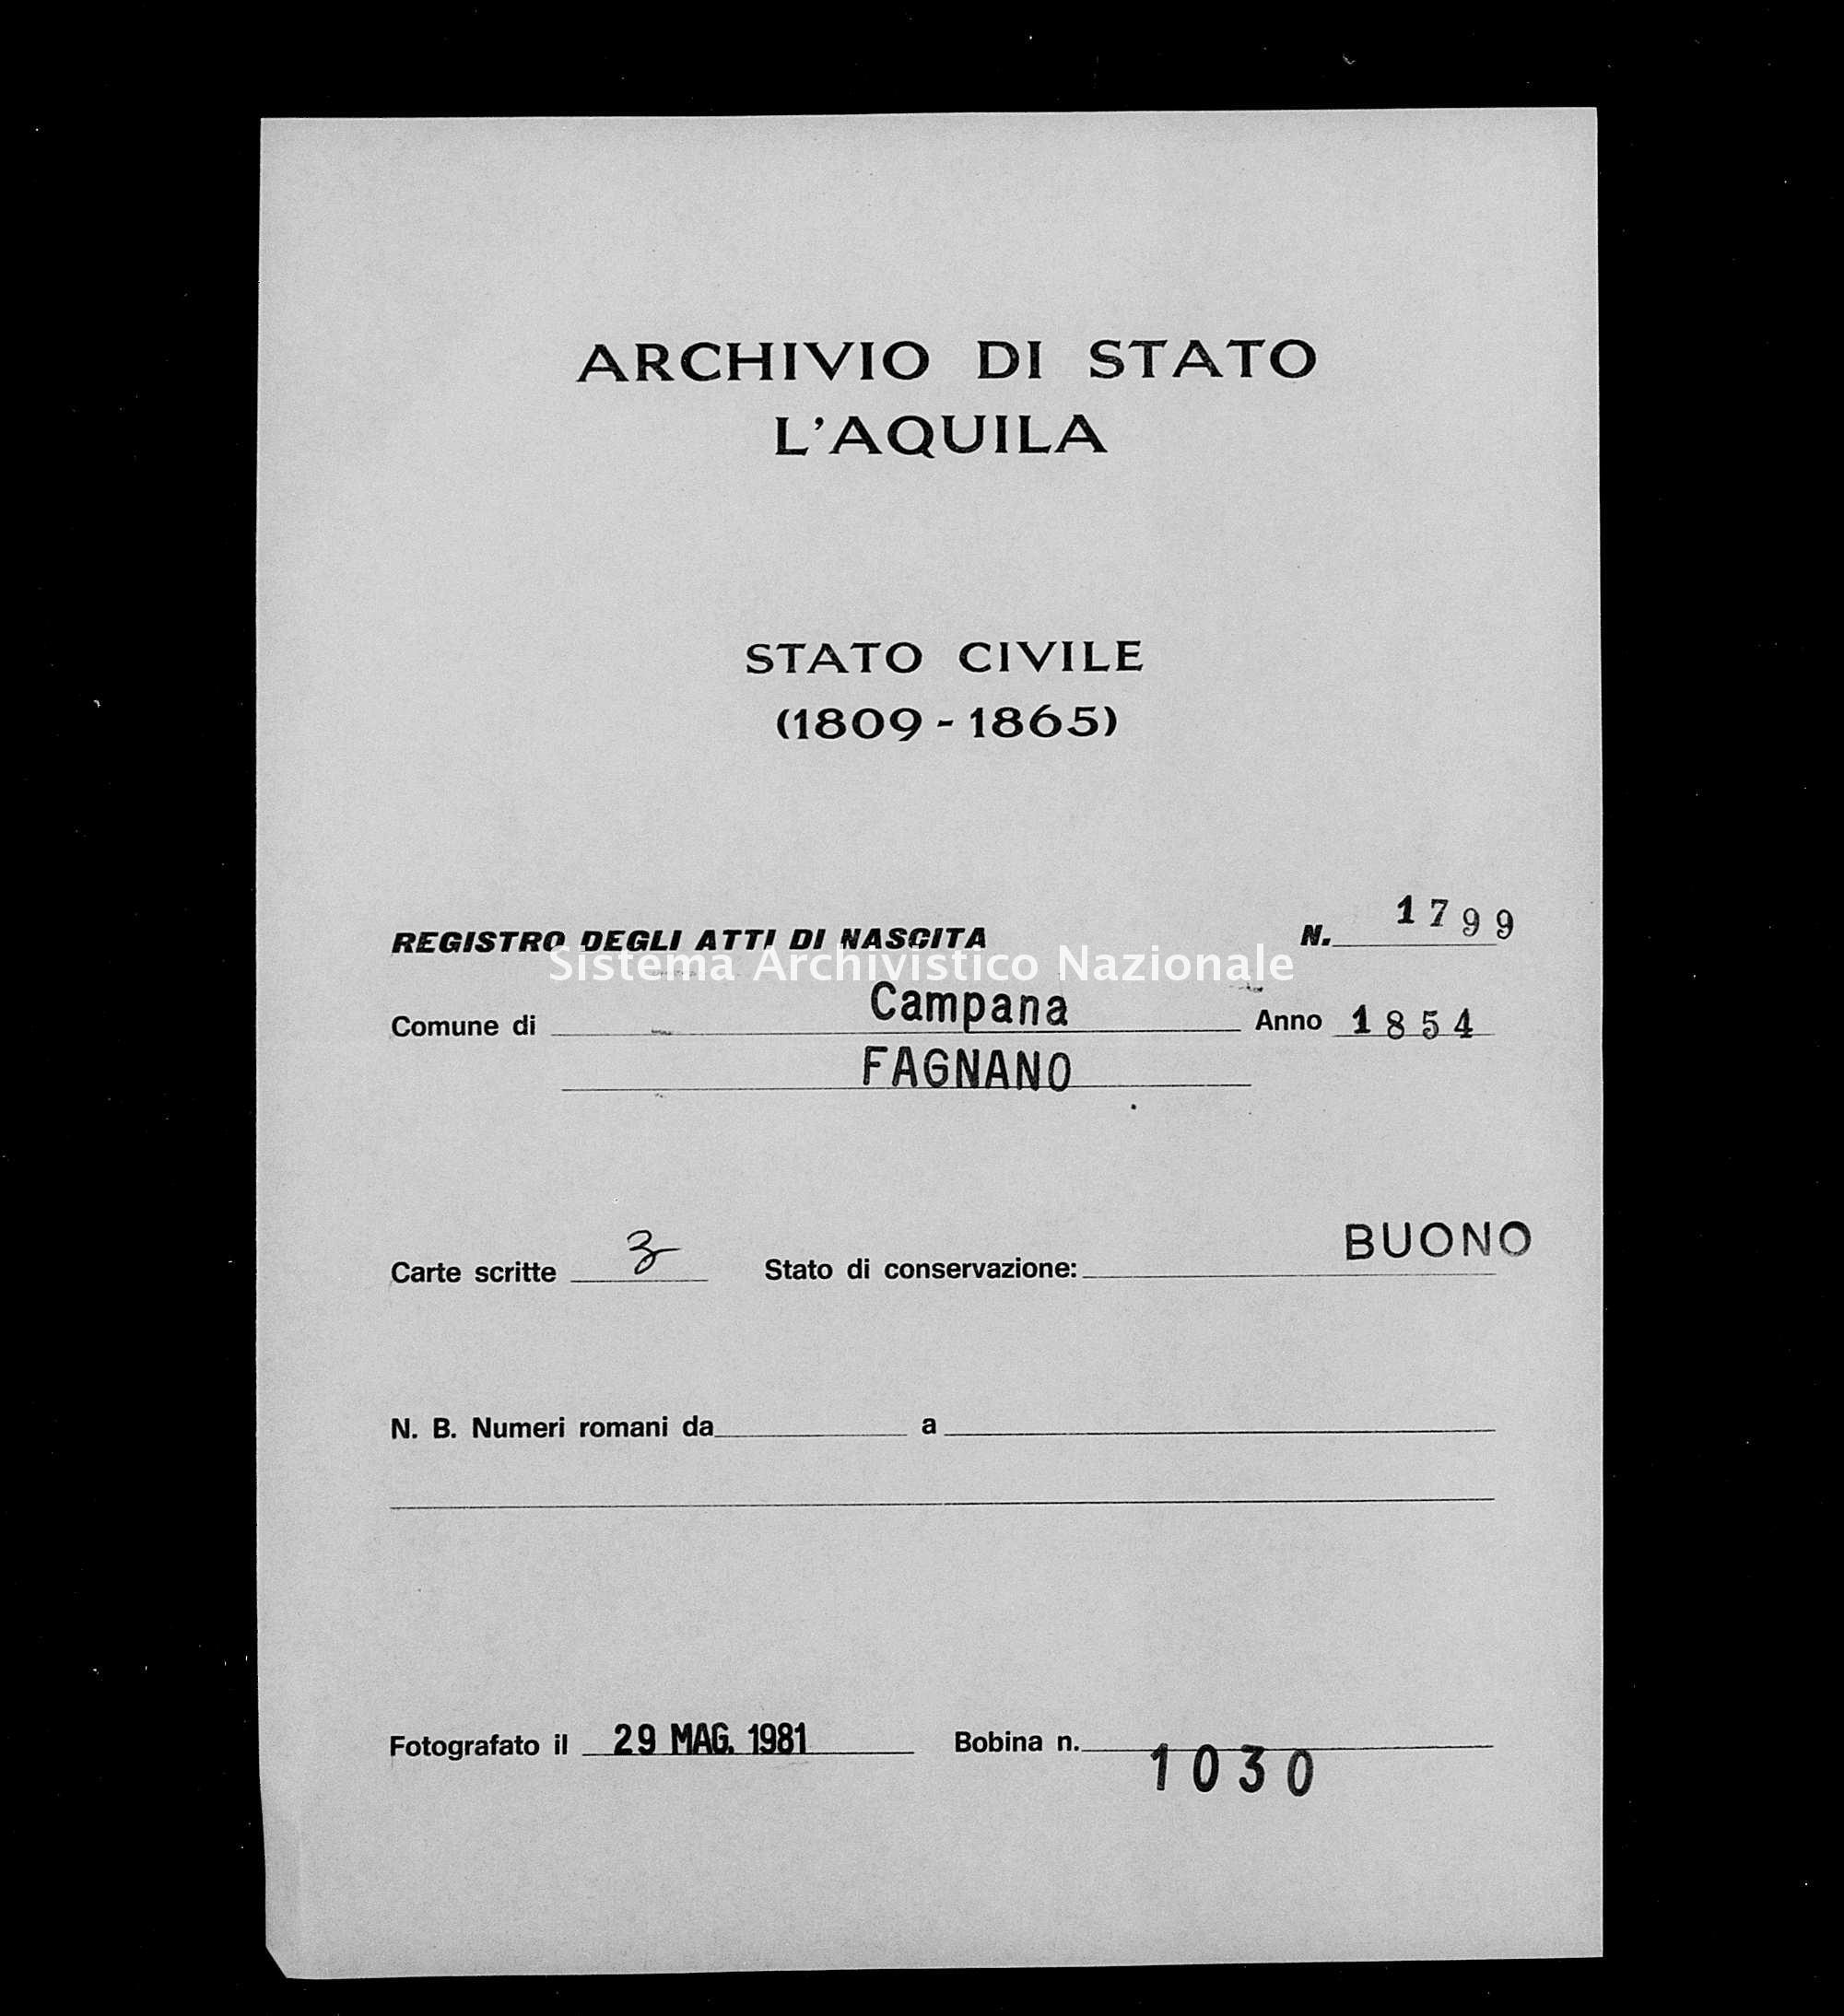 Archivio di stato di L'aquila - Stato civile della restaurazione - Campana - Nati - 1854 - 1799 -